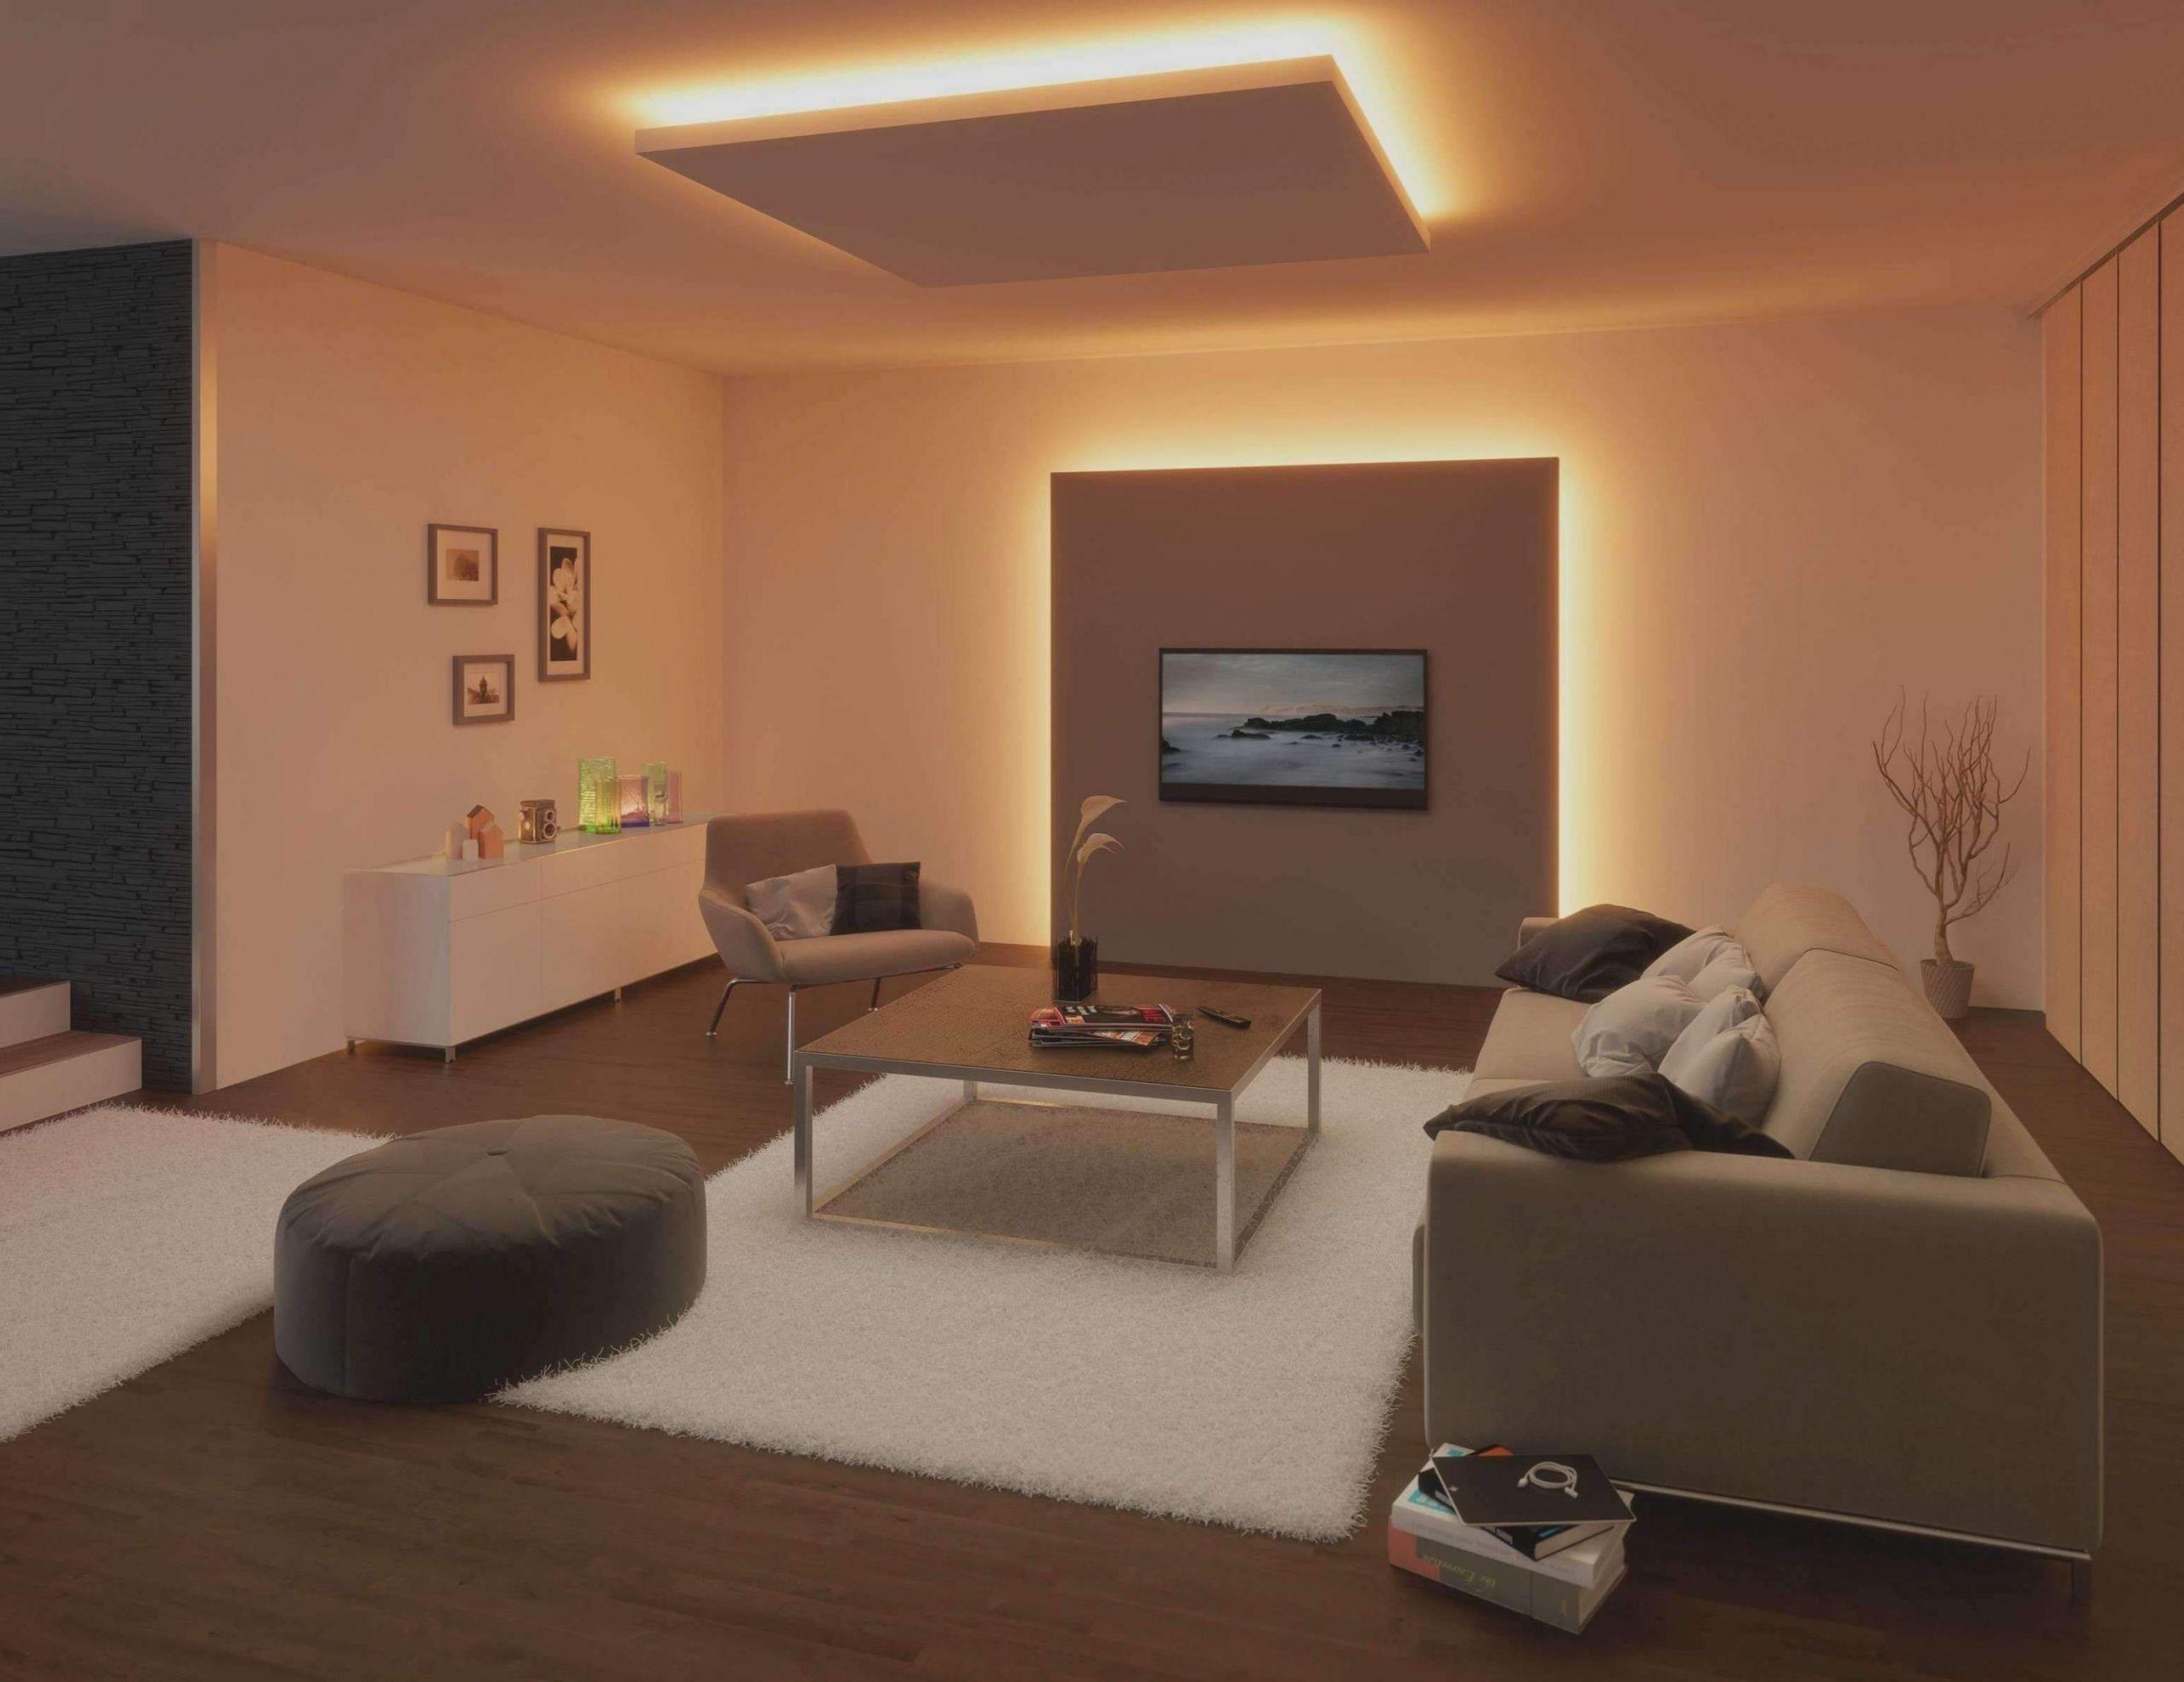 deckenstrahler wohnzimmer reizend luxus deckenstrahler wohnzimmer of deckenstrahler wohnzimmer